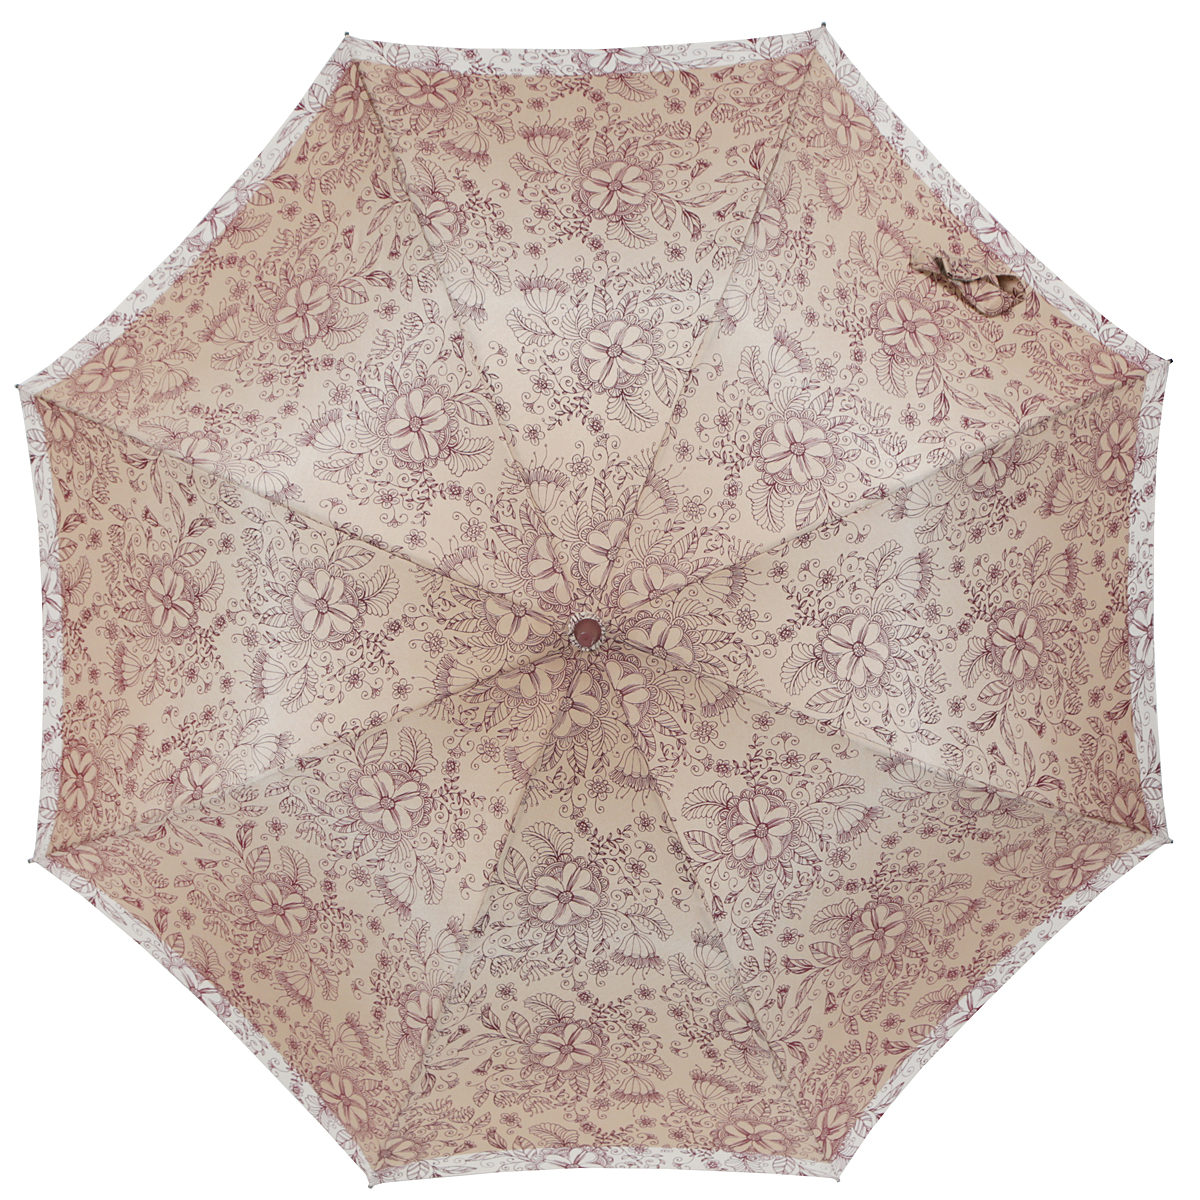 Зонт-трость женский Zest, полуавтомат, цвет: темно-бежевый, бордовый, бежевый. 21629-1097